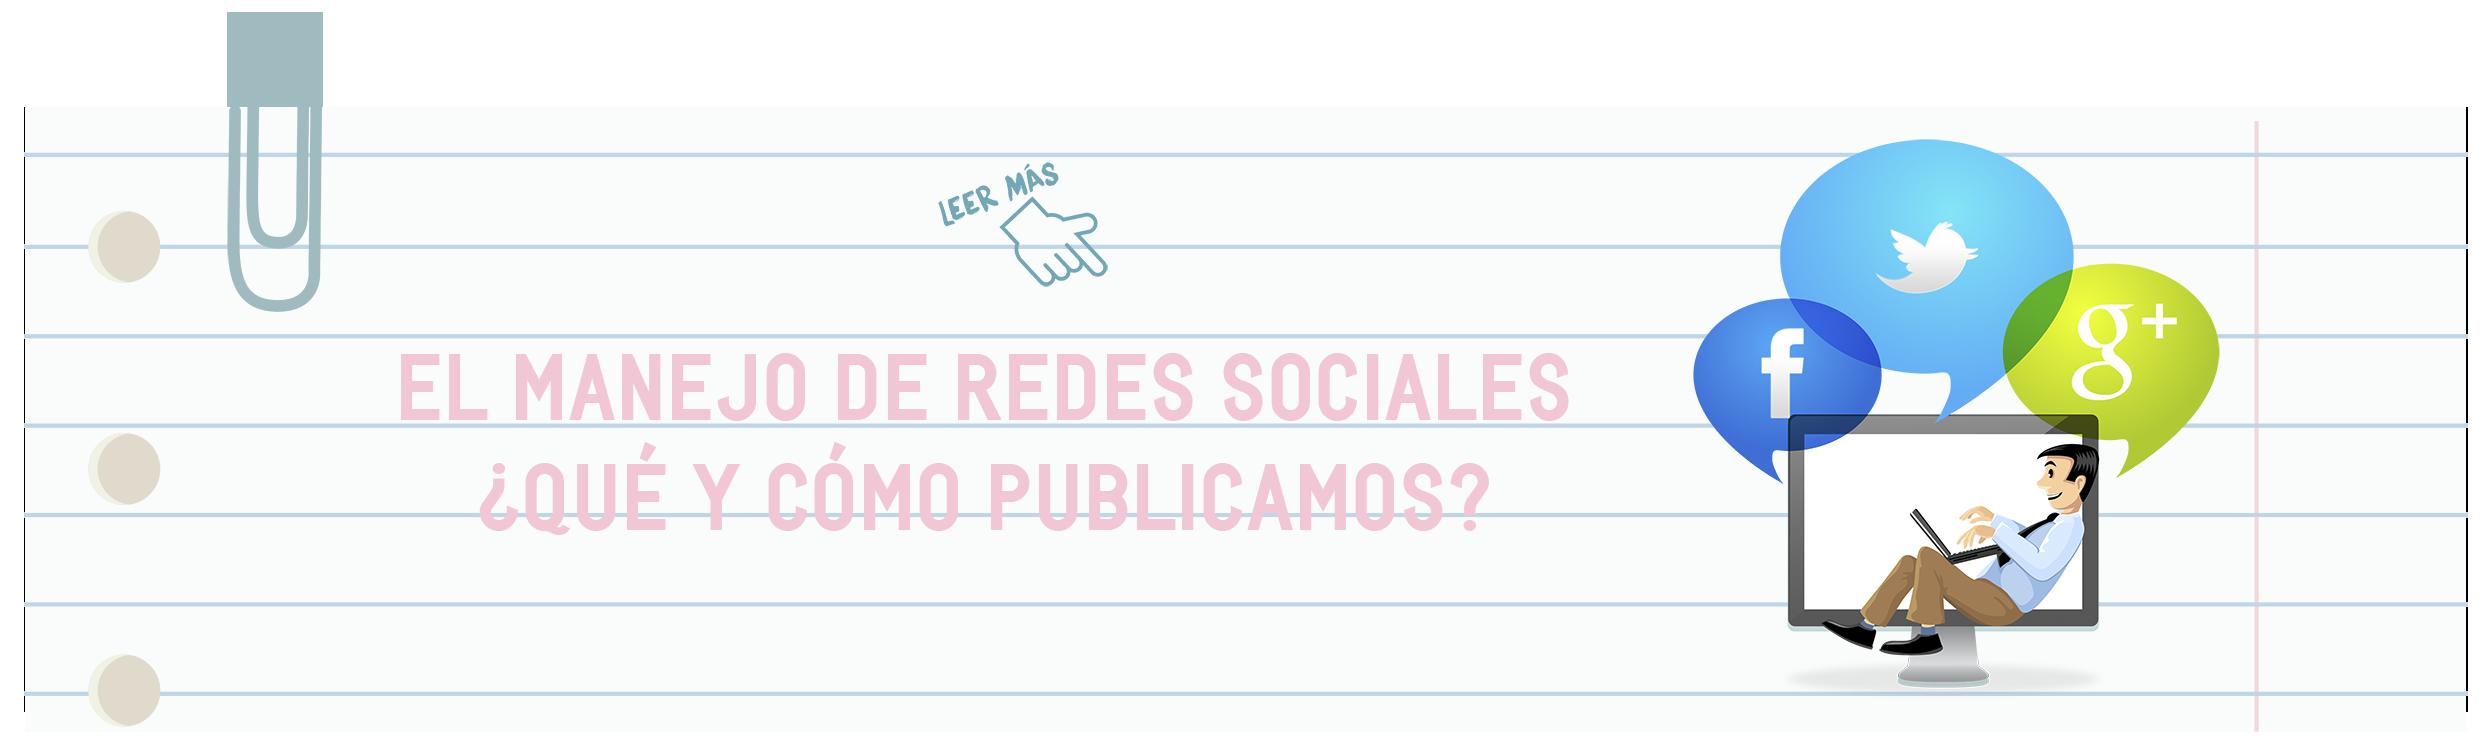 Manejo de redes sociales ¿Qué y cómo publicamos?